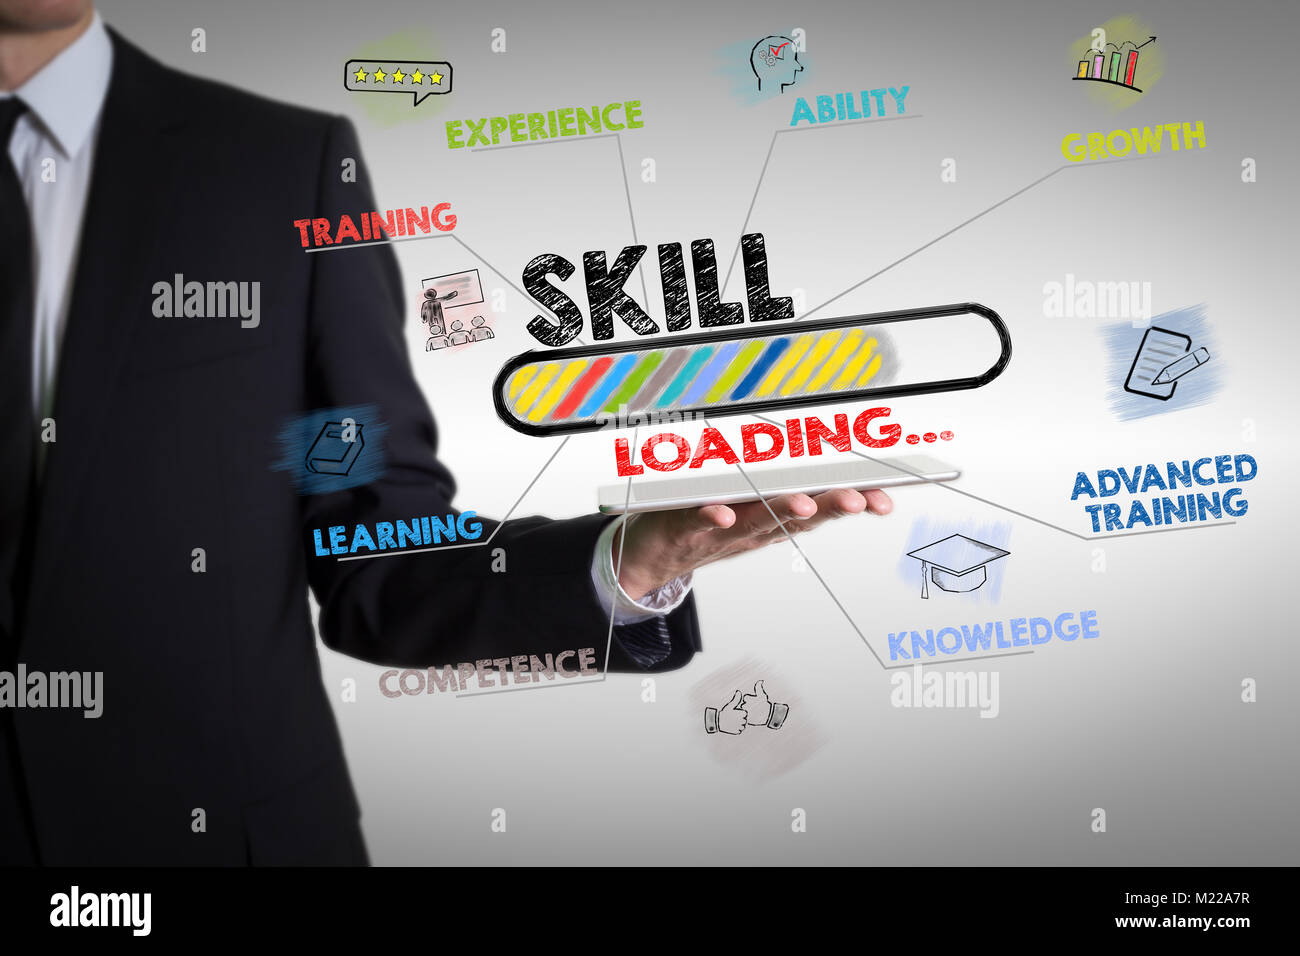 Concepto de habilidad con la joven sosteniendo un equipo tablet pc Imagen De Stock